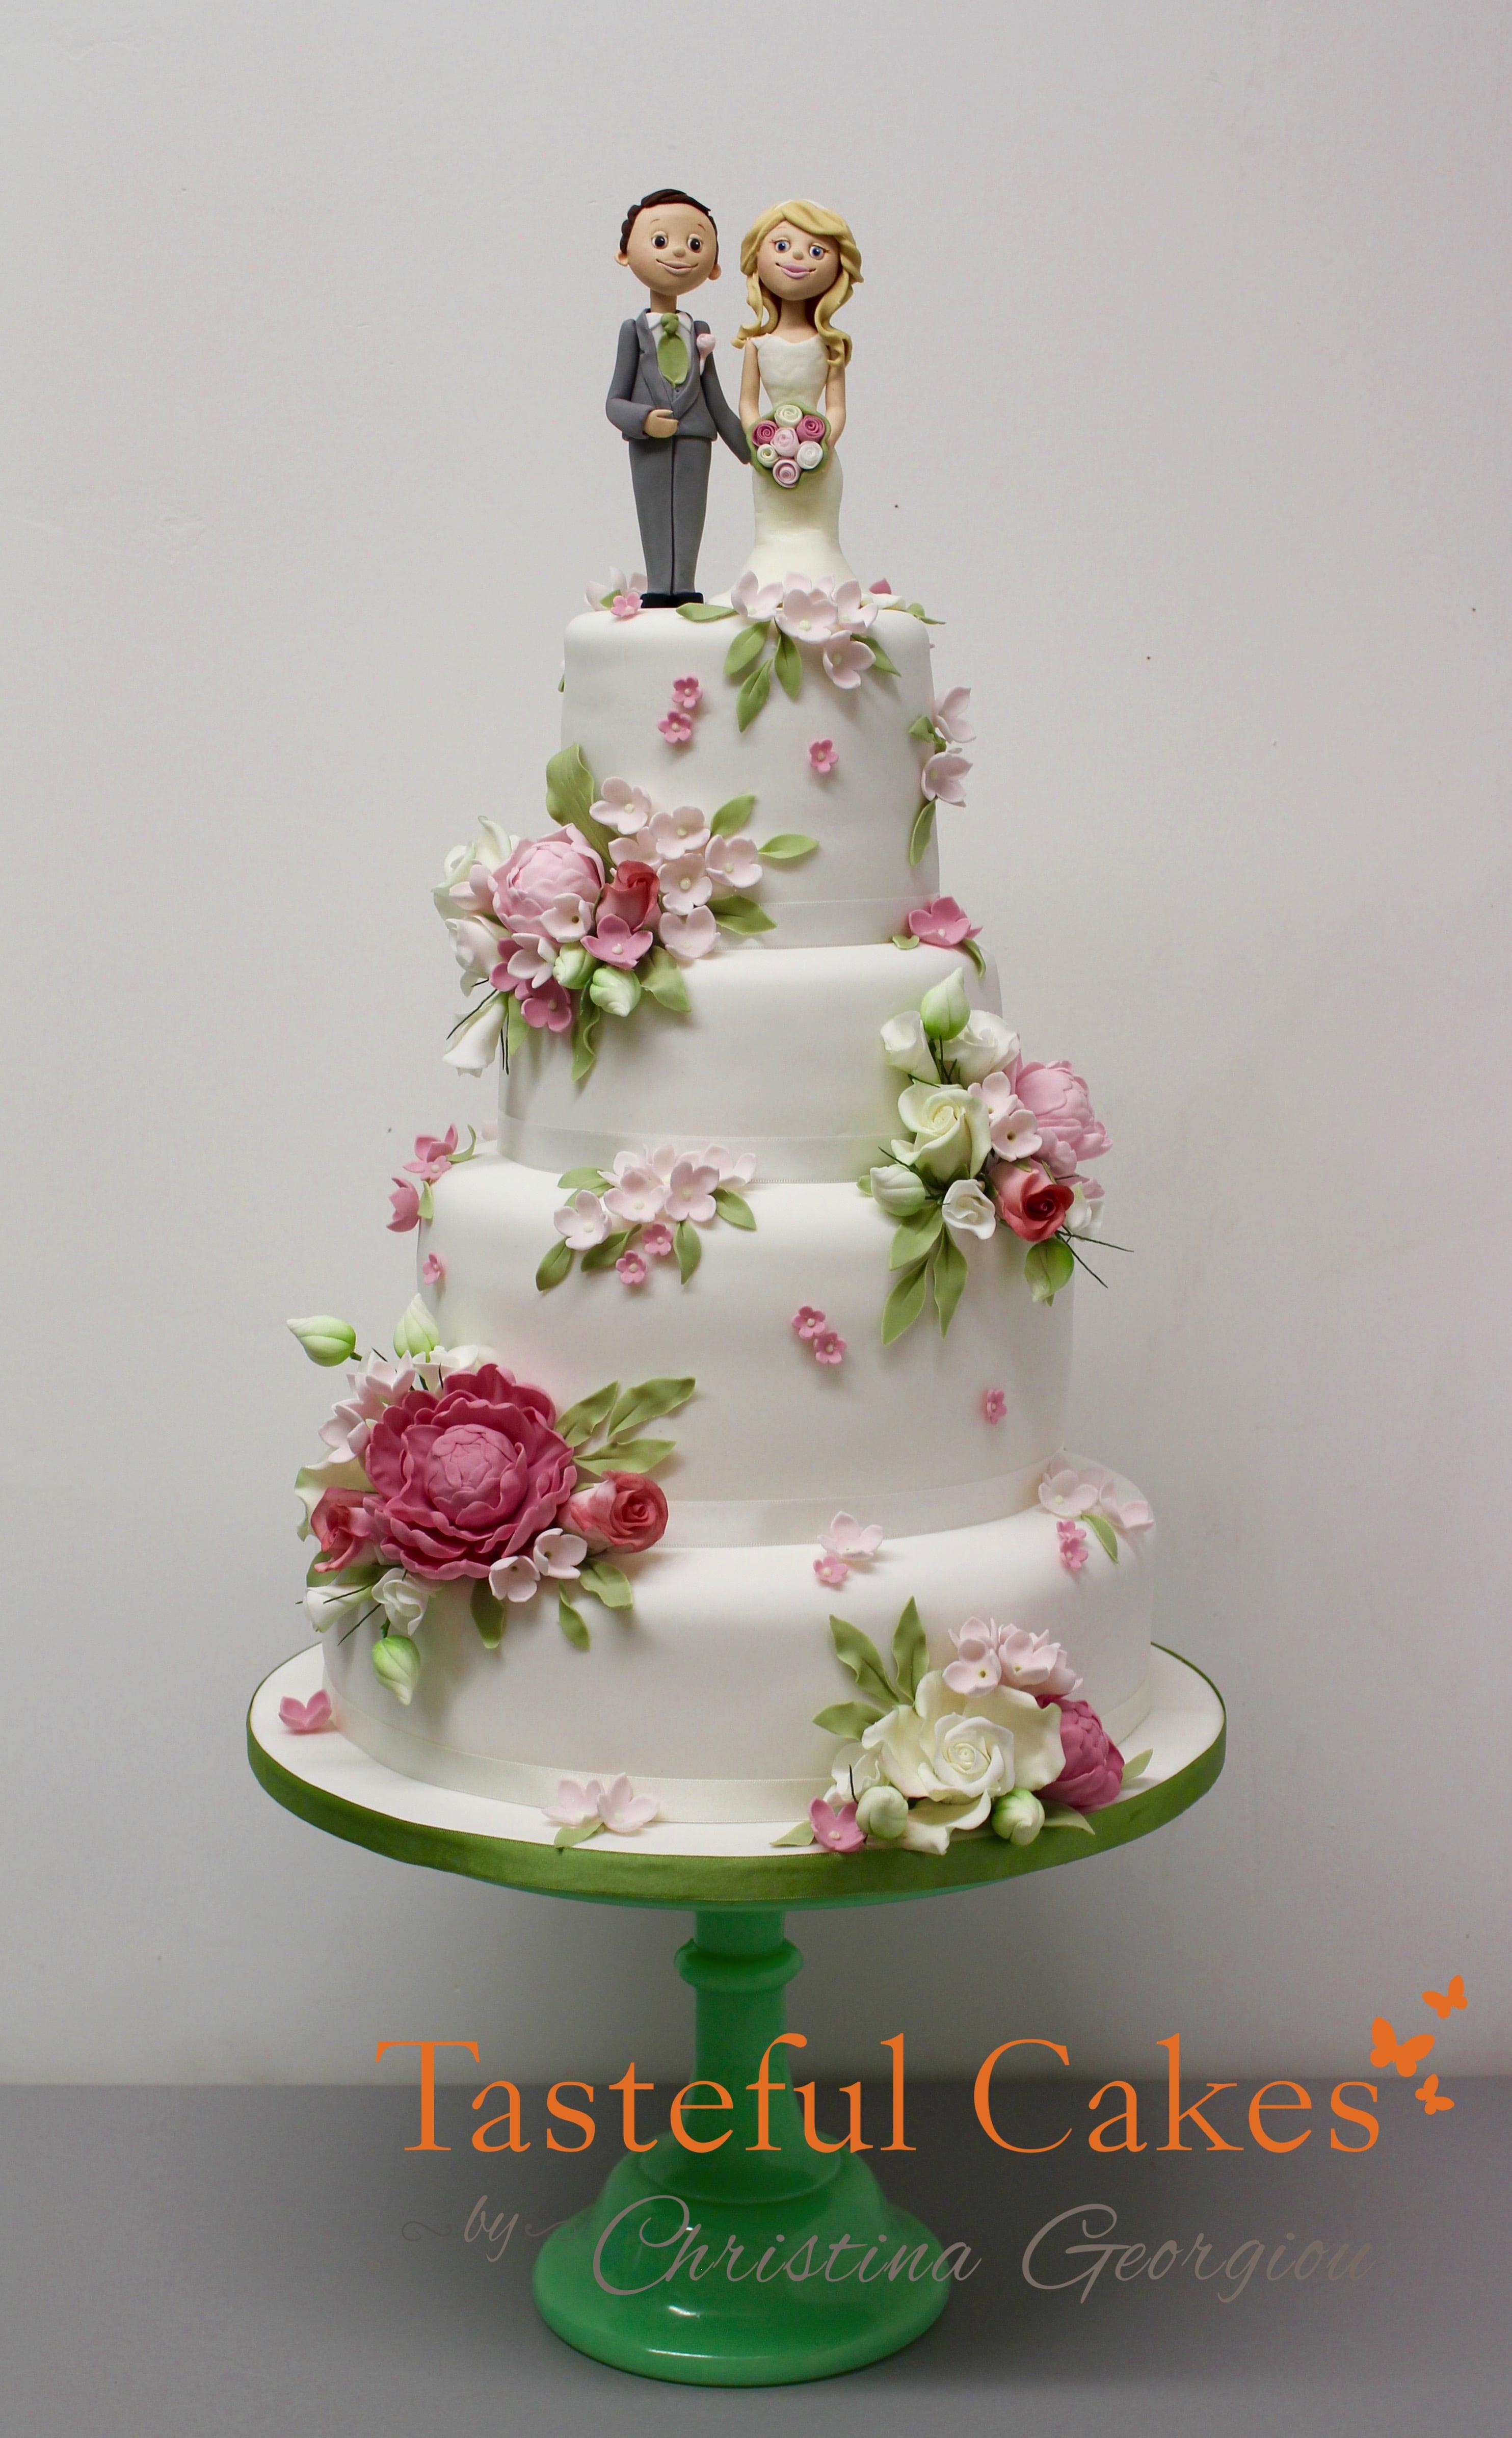 tasteful cakes by christina georgiou a pastel scattered flower wedding cake. Black Bedroom Furniture Sets. Home Design Ideas